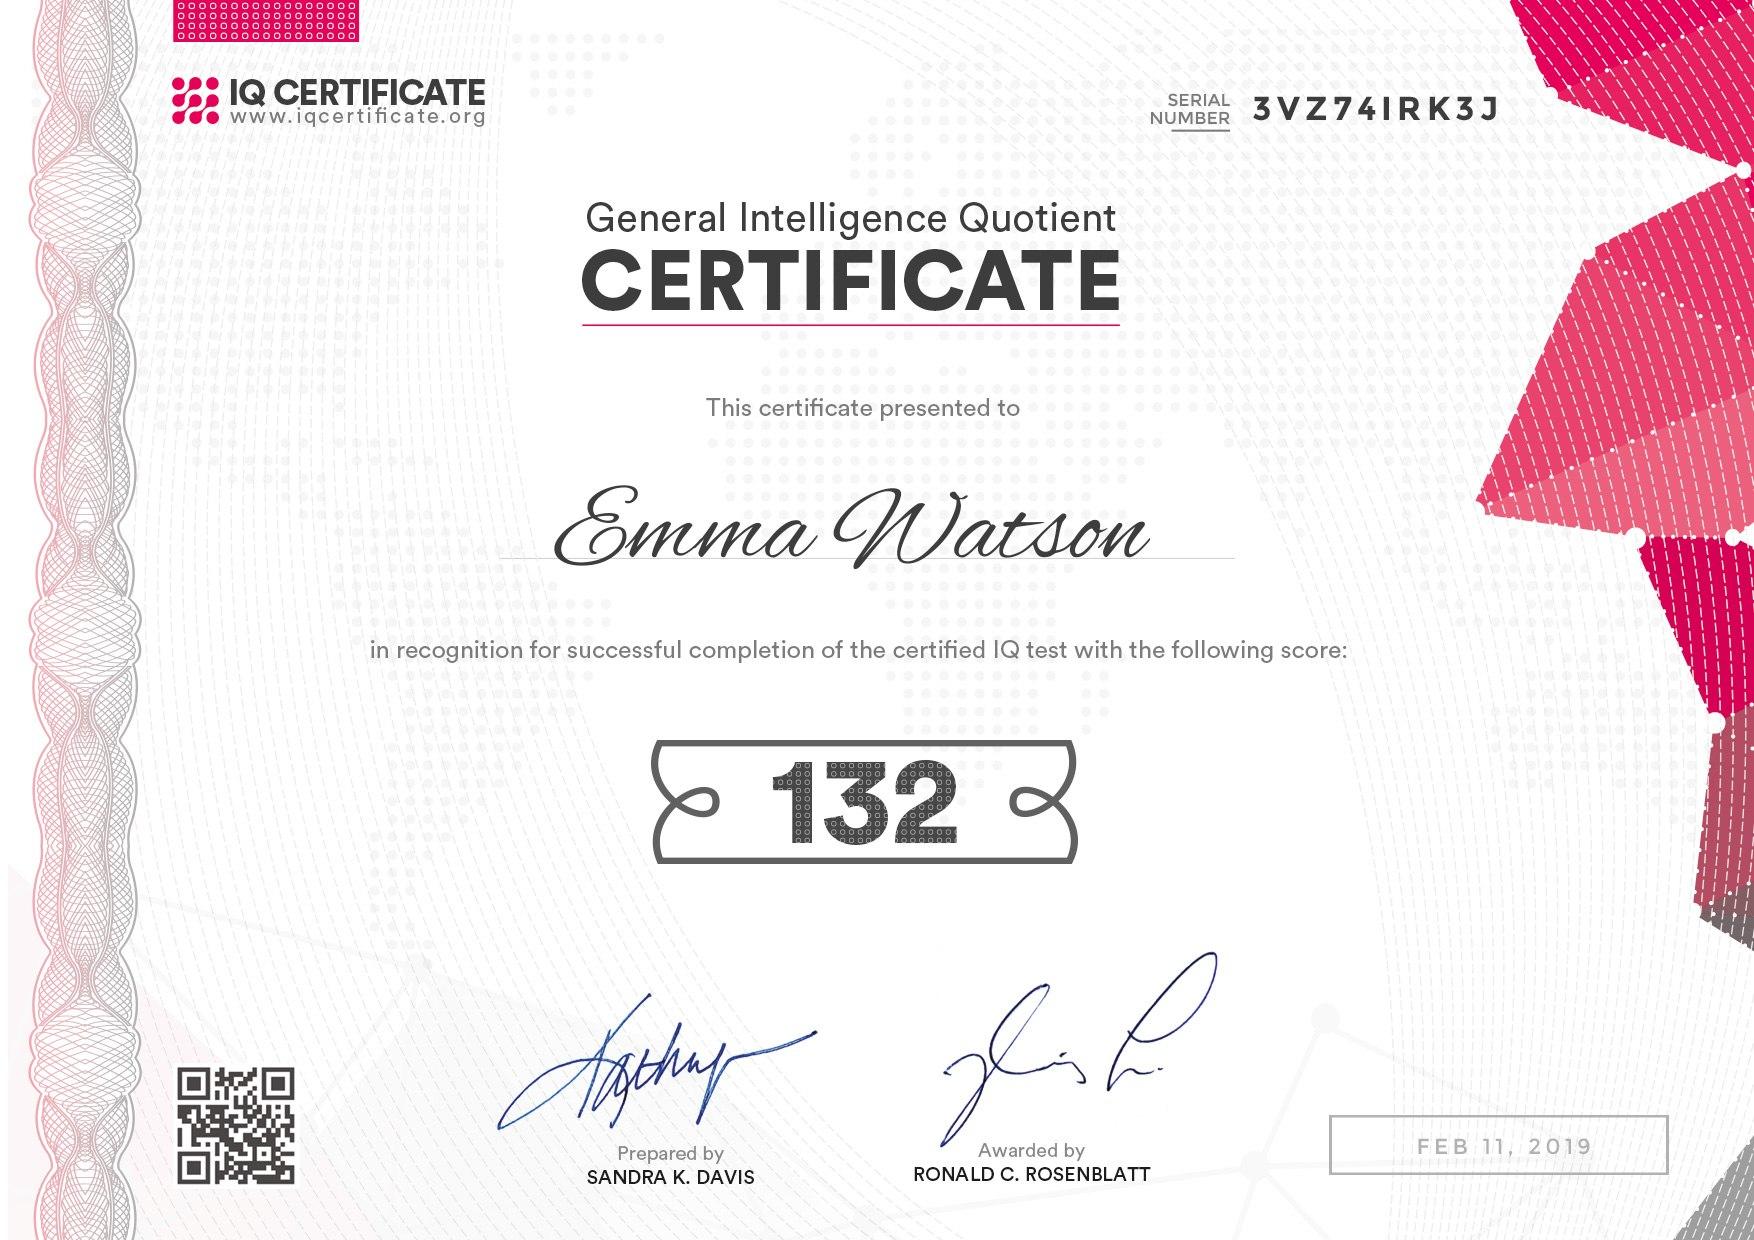 Sample Iq Certificate  Get Your Iq Certificate With Iq Certificate Template